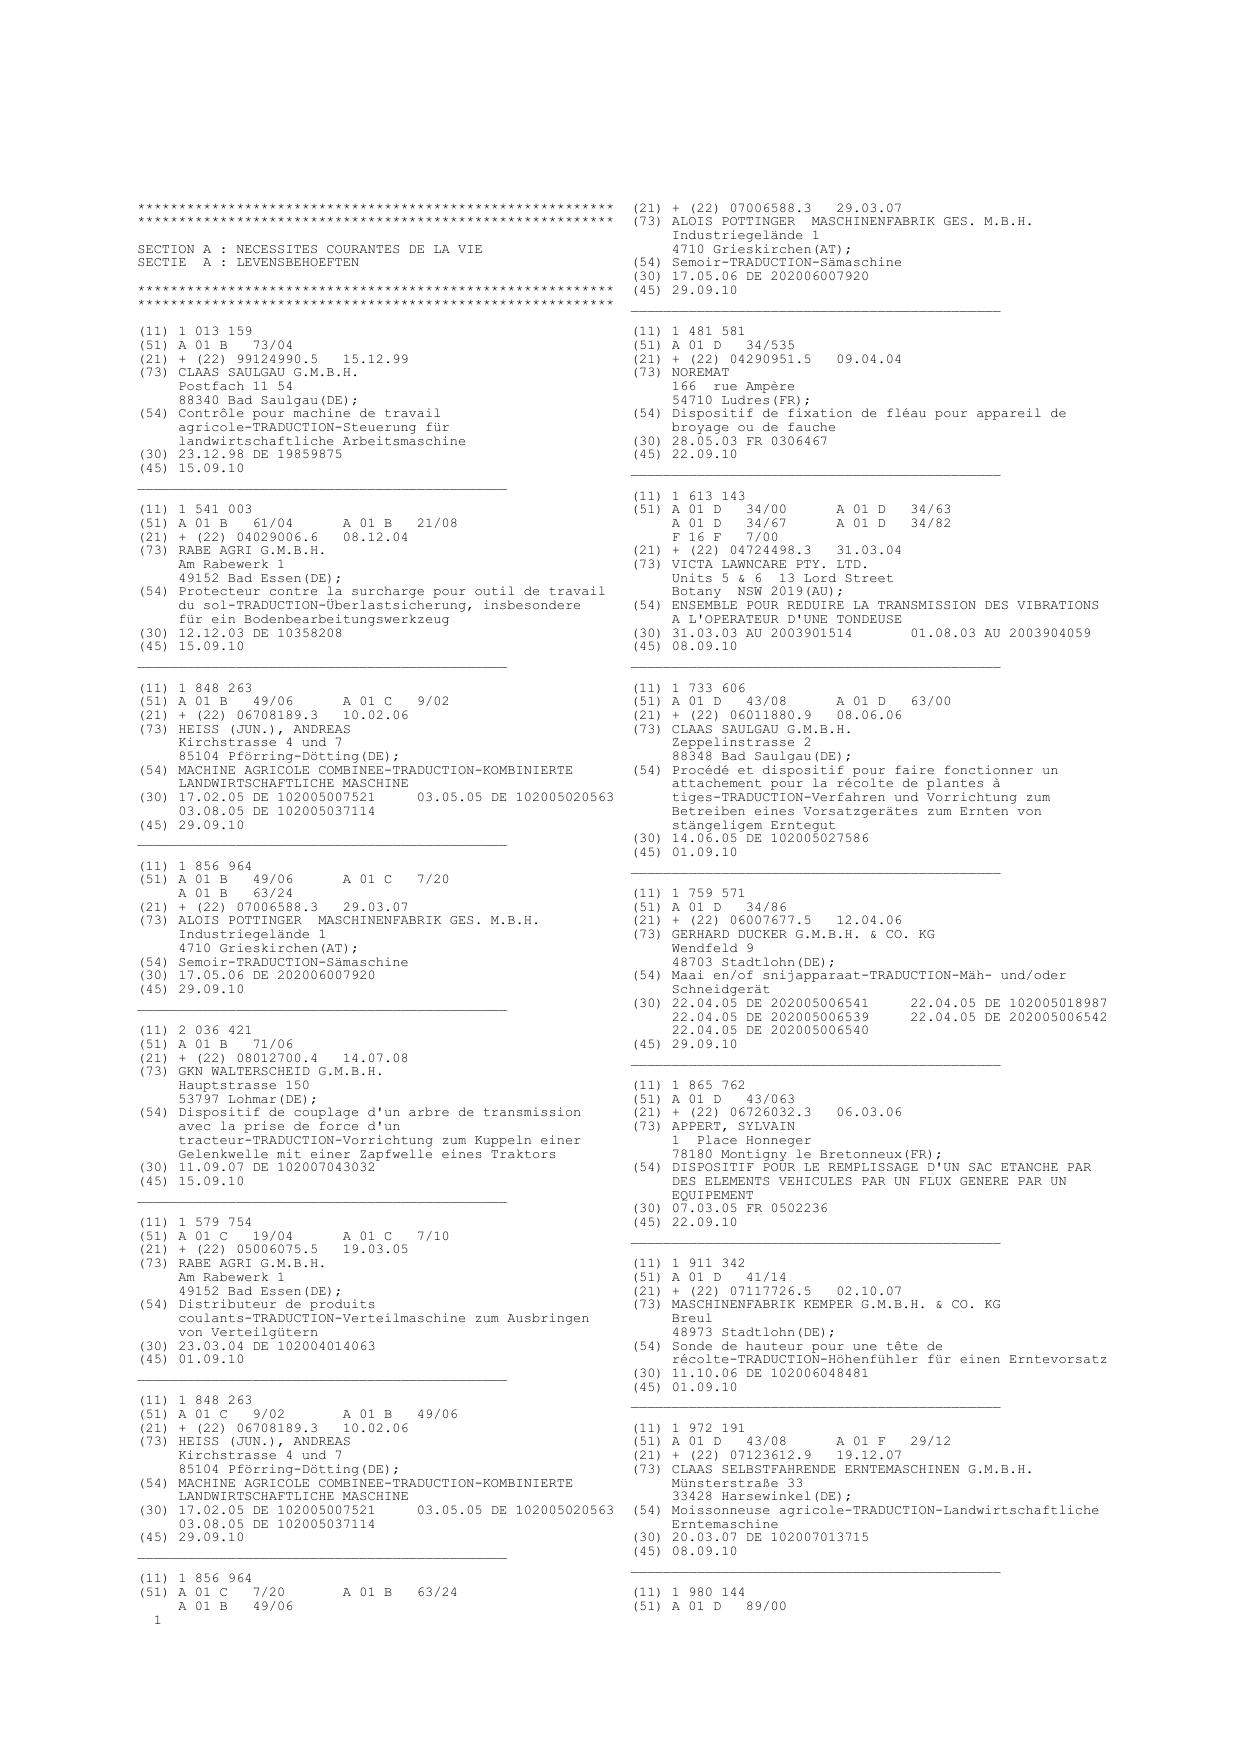 Abstellvorrichtung Appareil pour mélange traitement Bosch 1 427 133 091